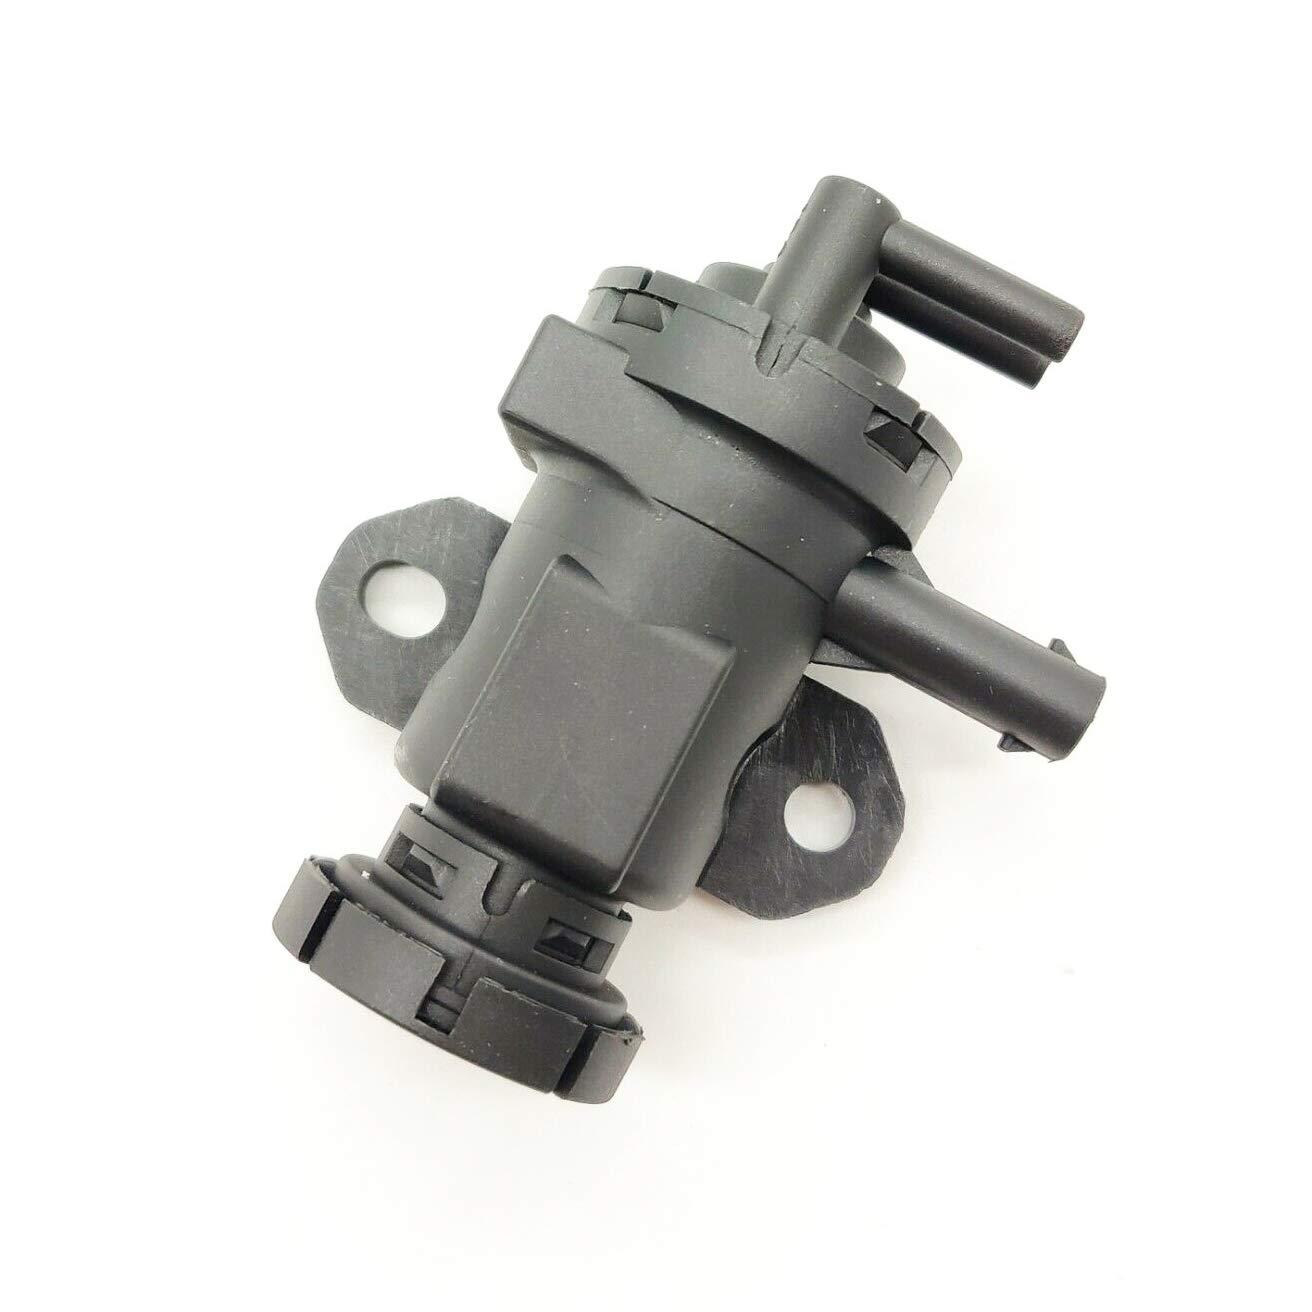 Boost Solenoid/Pressure Converter for E70 X5 E90 335d M57 3.0L ...